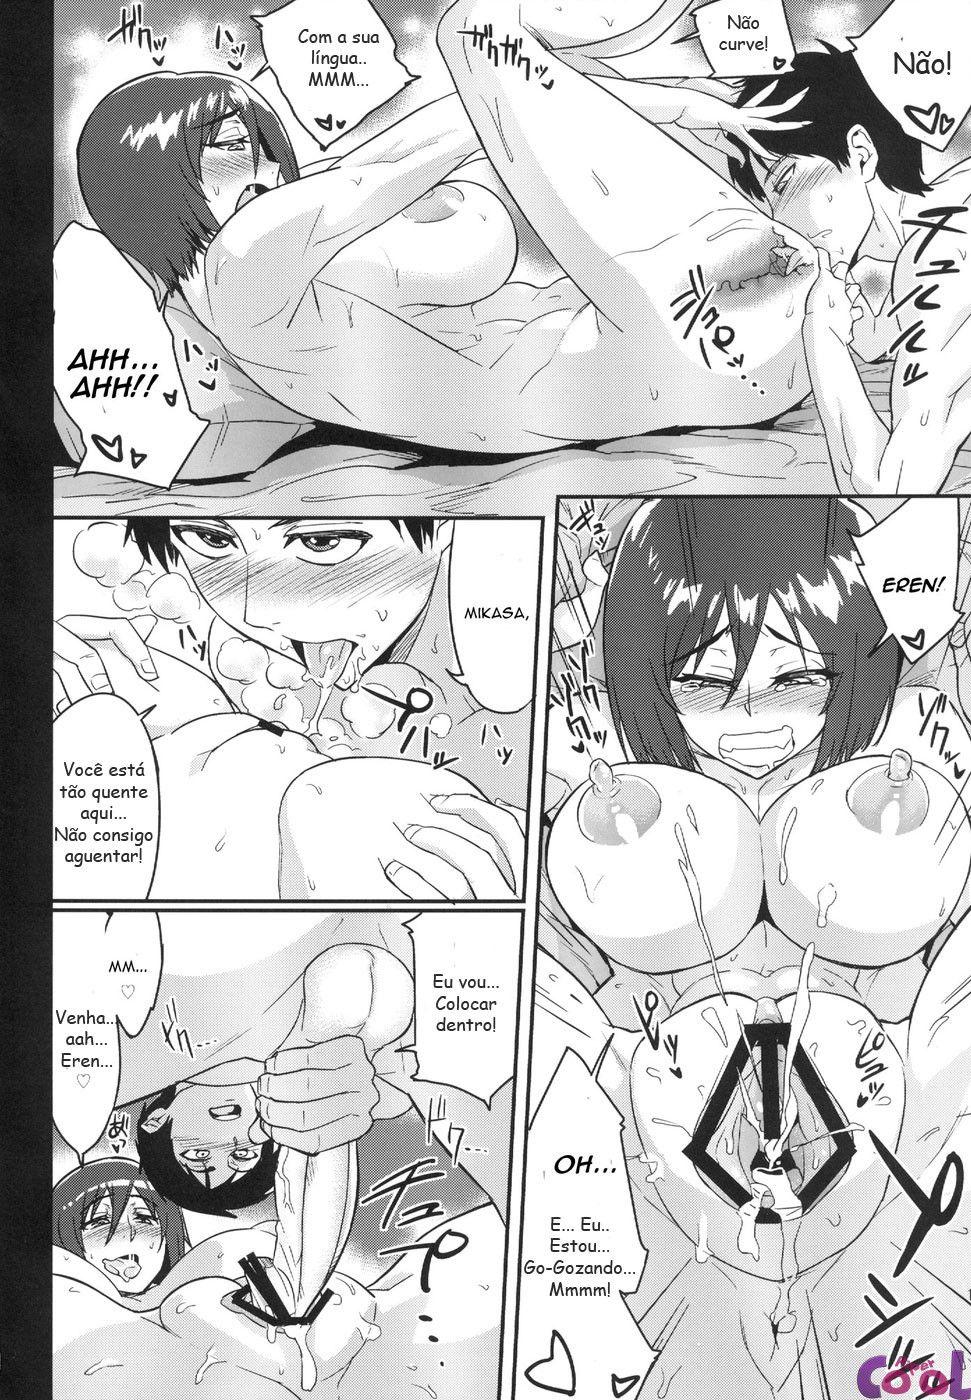 Eren gozando na sua amada Mikasa